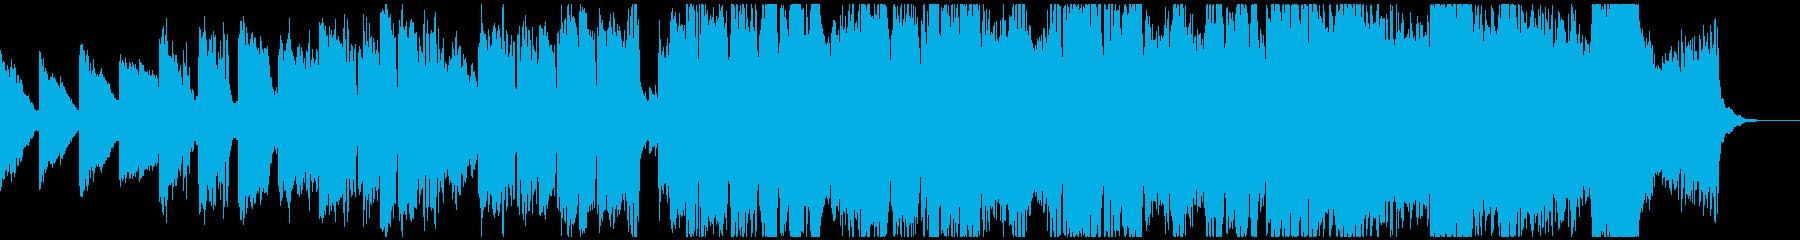 フルートとストリングスの明るく前向きな曲の再生済みの波形